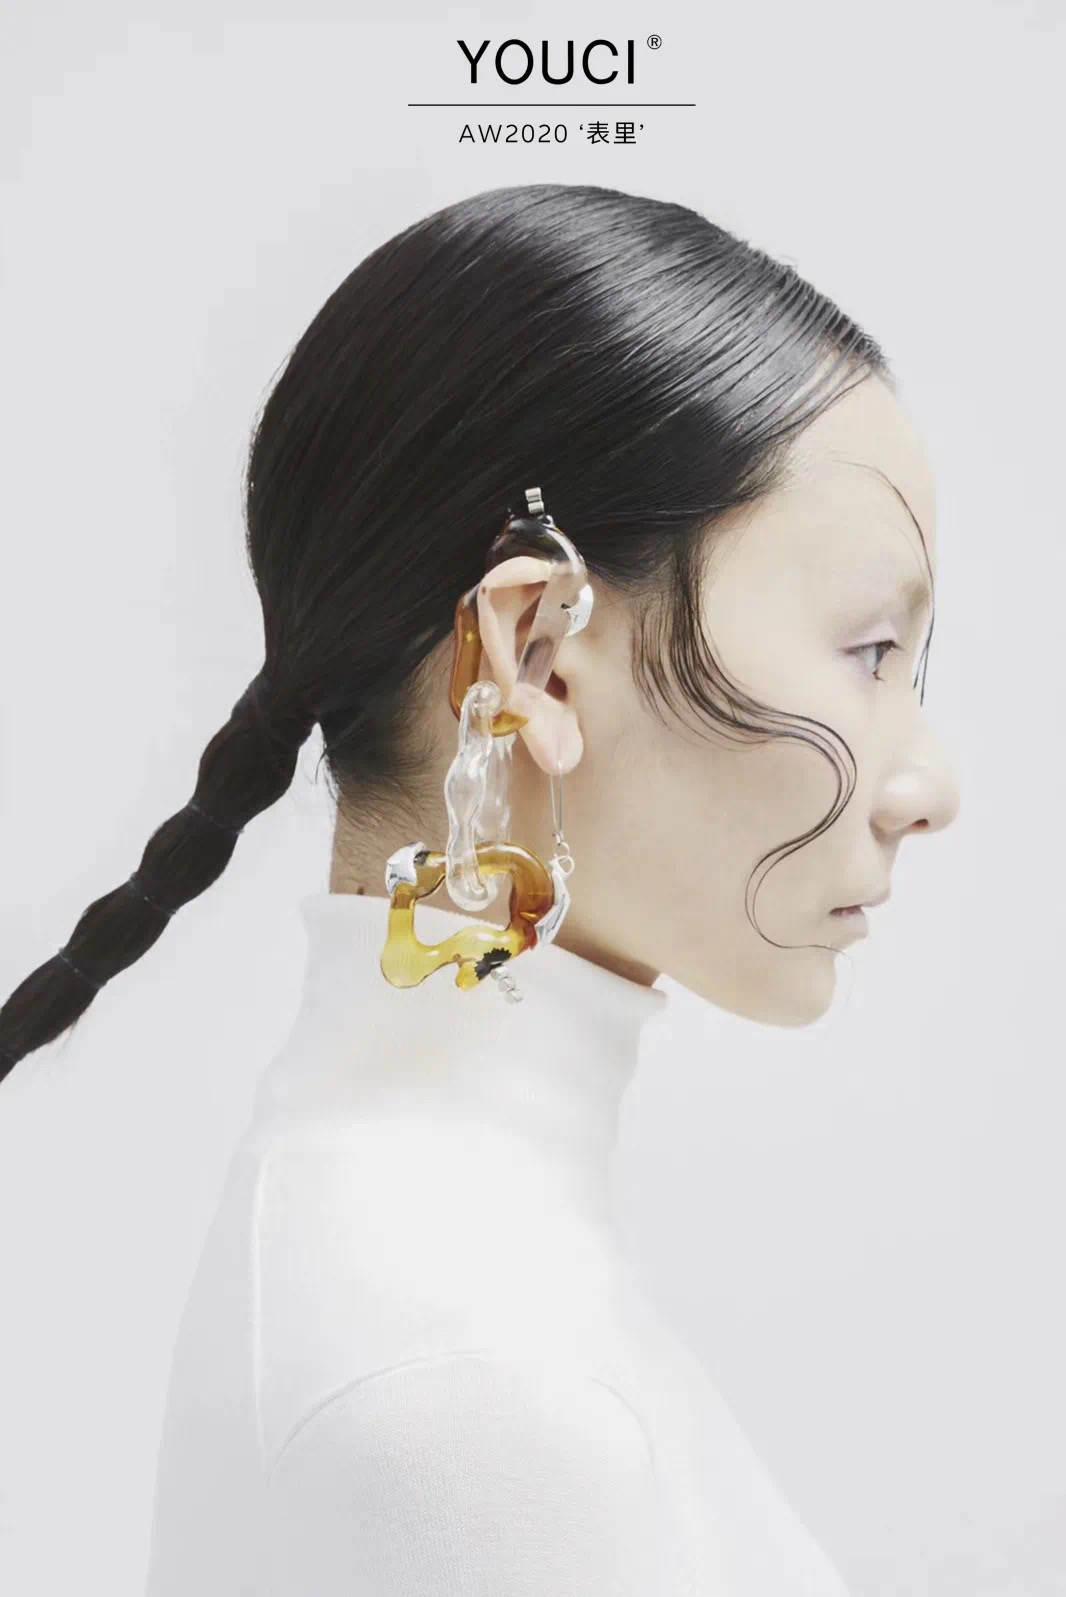 由此YOUCI创立于2018年的原创设计品牌,由95后设计师张佳洁和周忻注册于英国伦敦